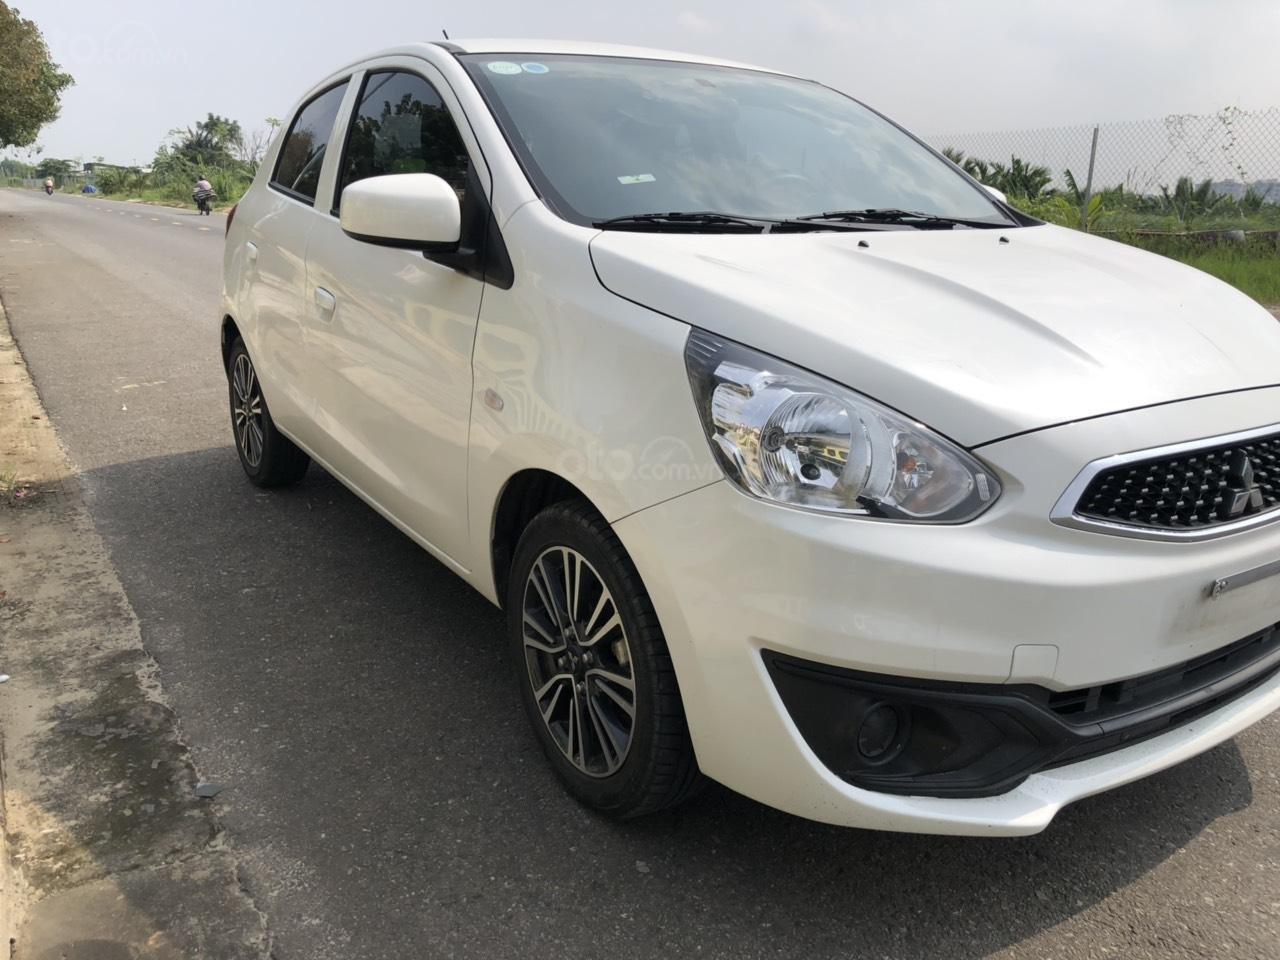 Cần bán gấp xe Mitsubishi Mirage năm 2018, màu trắng, nhập khẩu nguyên chiếc, LH: 0899877765 - 0935284855 (3)